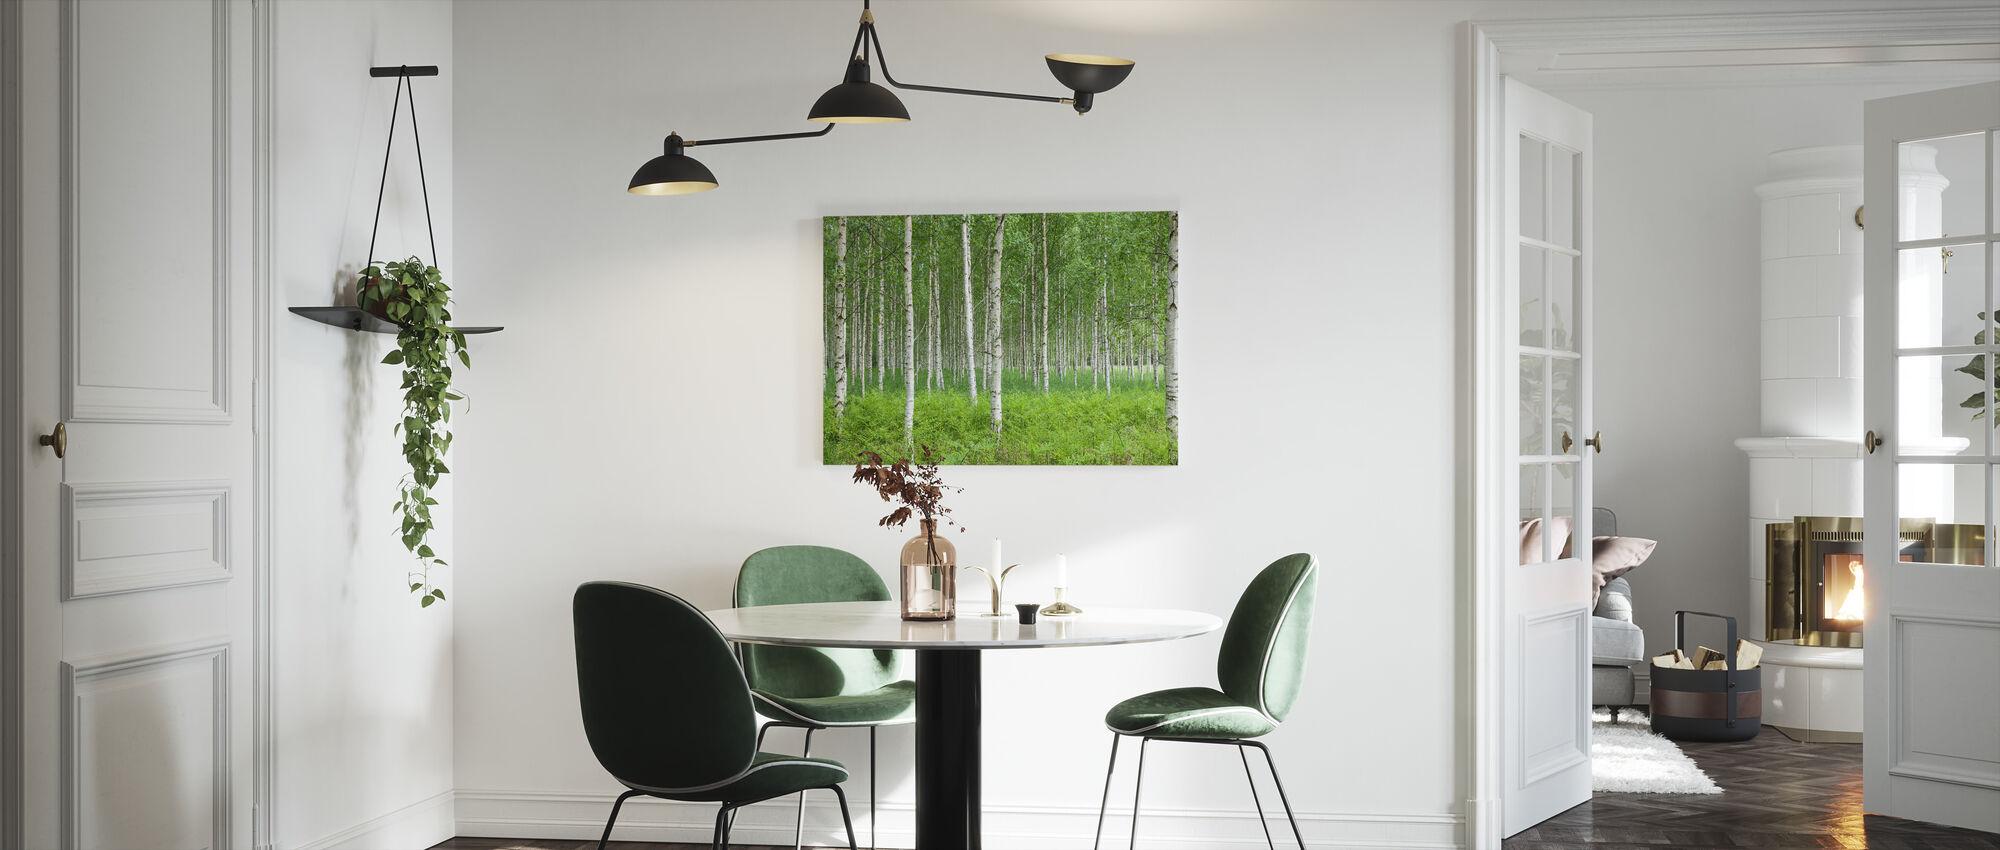 Sommer bjørkeskog - Lerretsbilde - Kjøkken